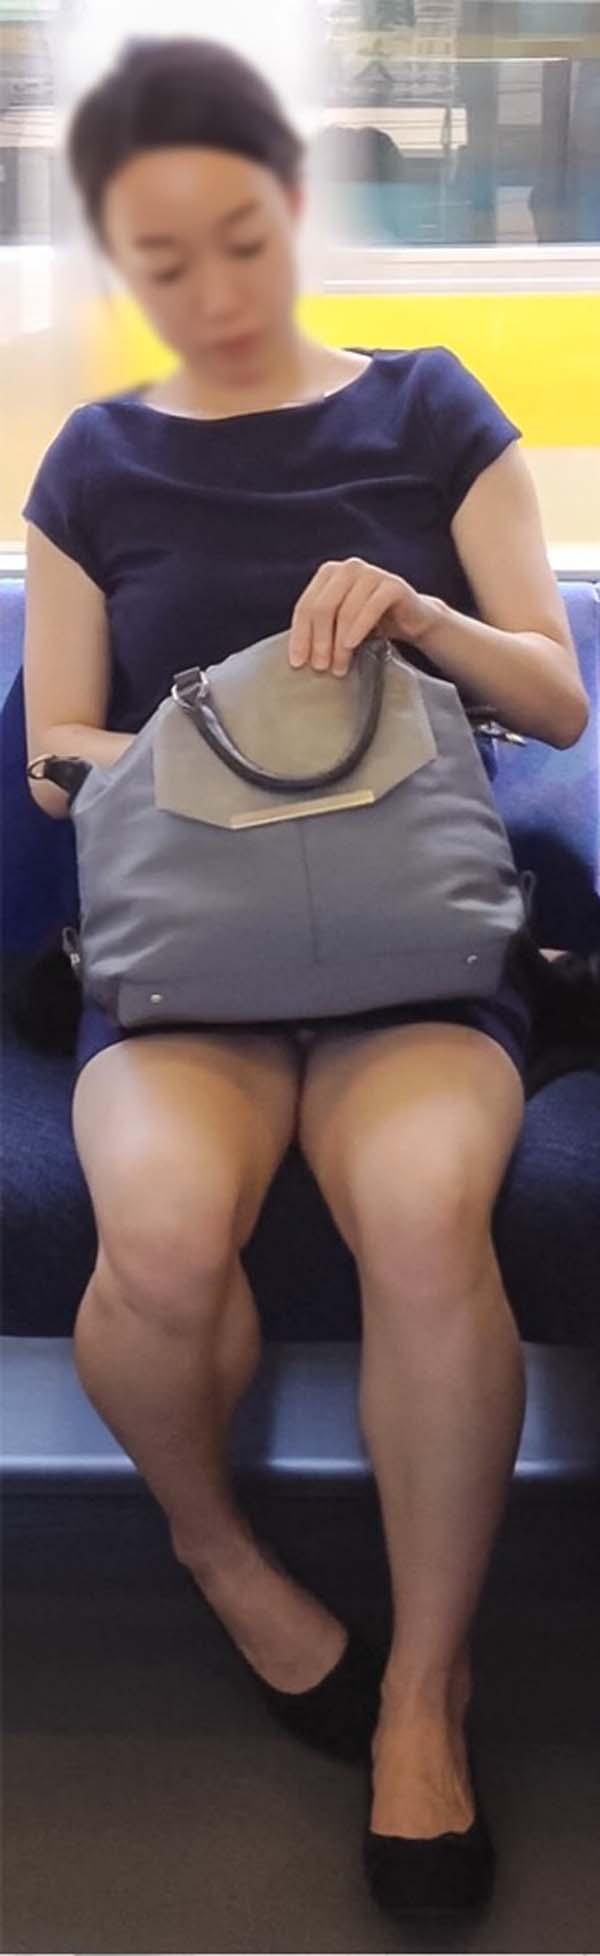 【パンチラエロ画像】熱い視線が対面から突き刺さる!電車内の隙ありパンチラwww 08